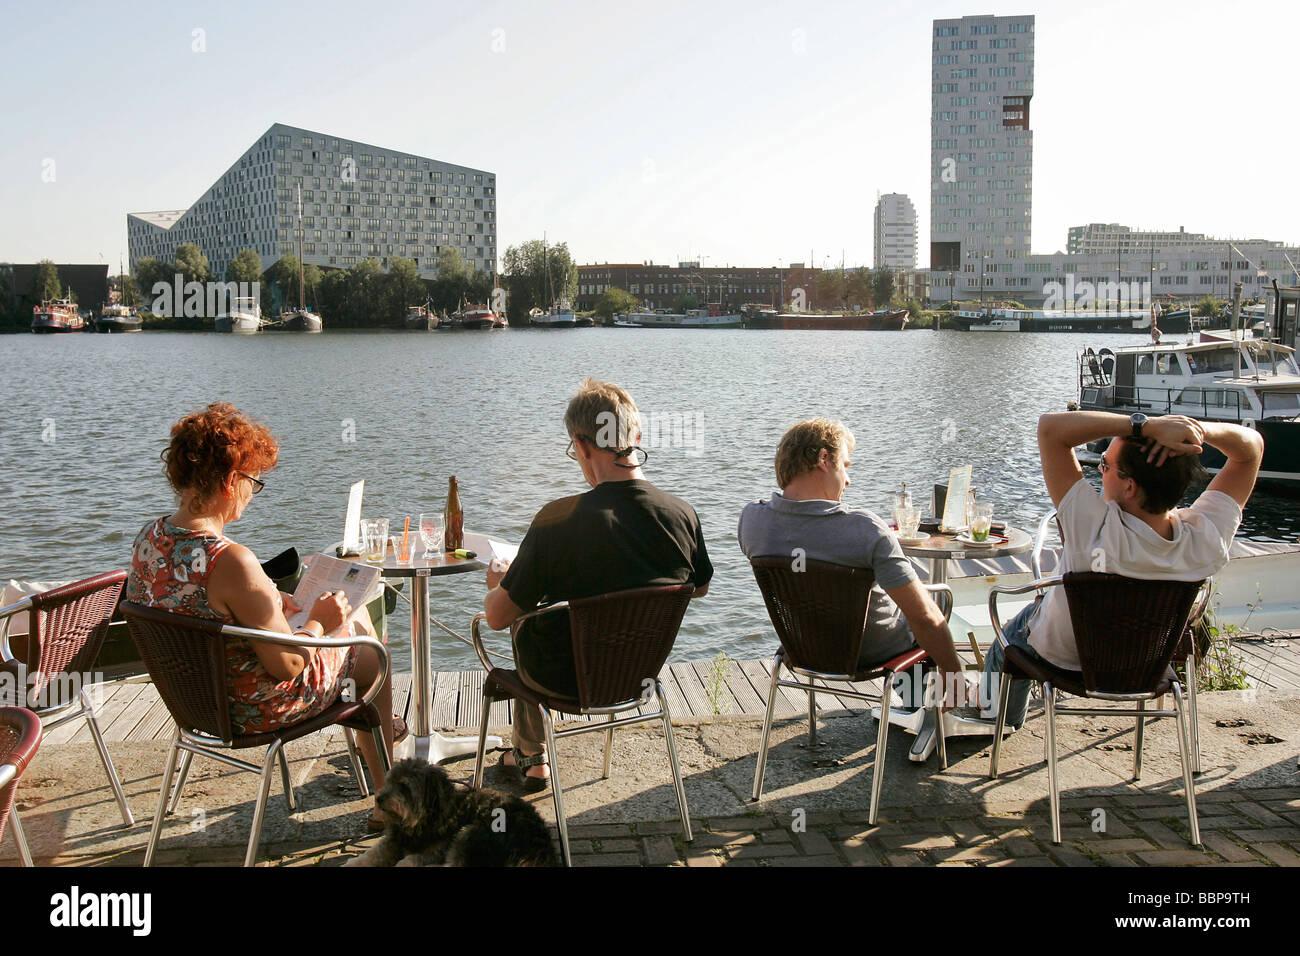 Kanis En Meiland.Cafe Kanis En Meiland Levantkade Java Island Amsterdam